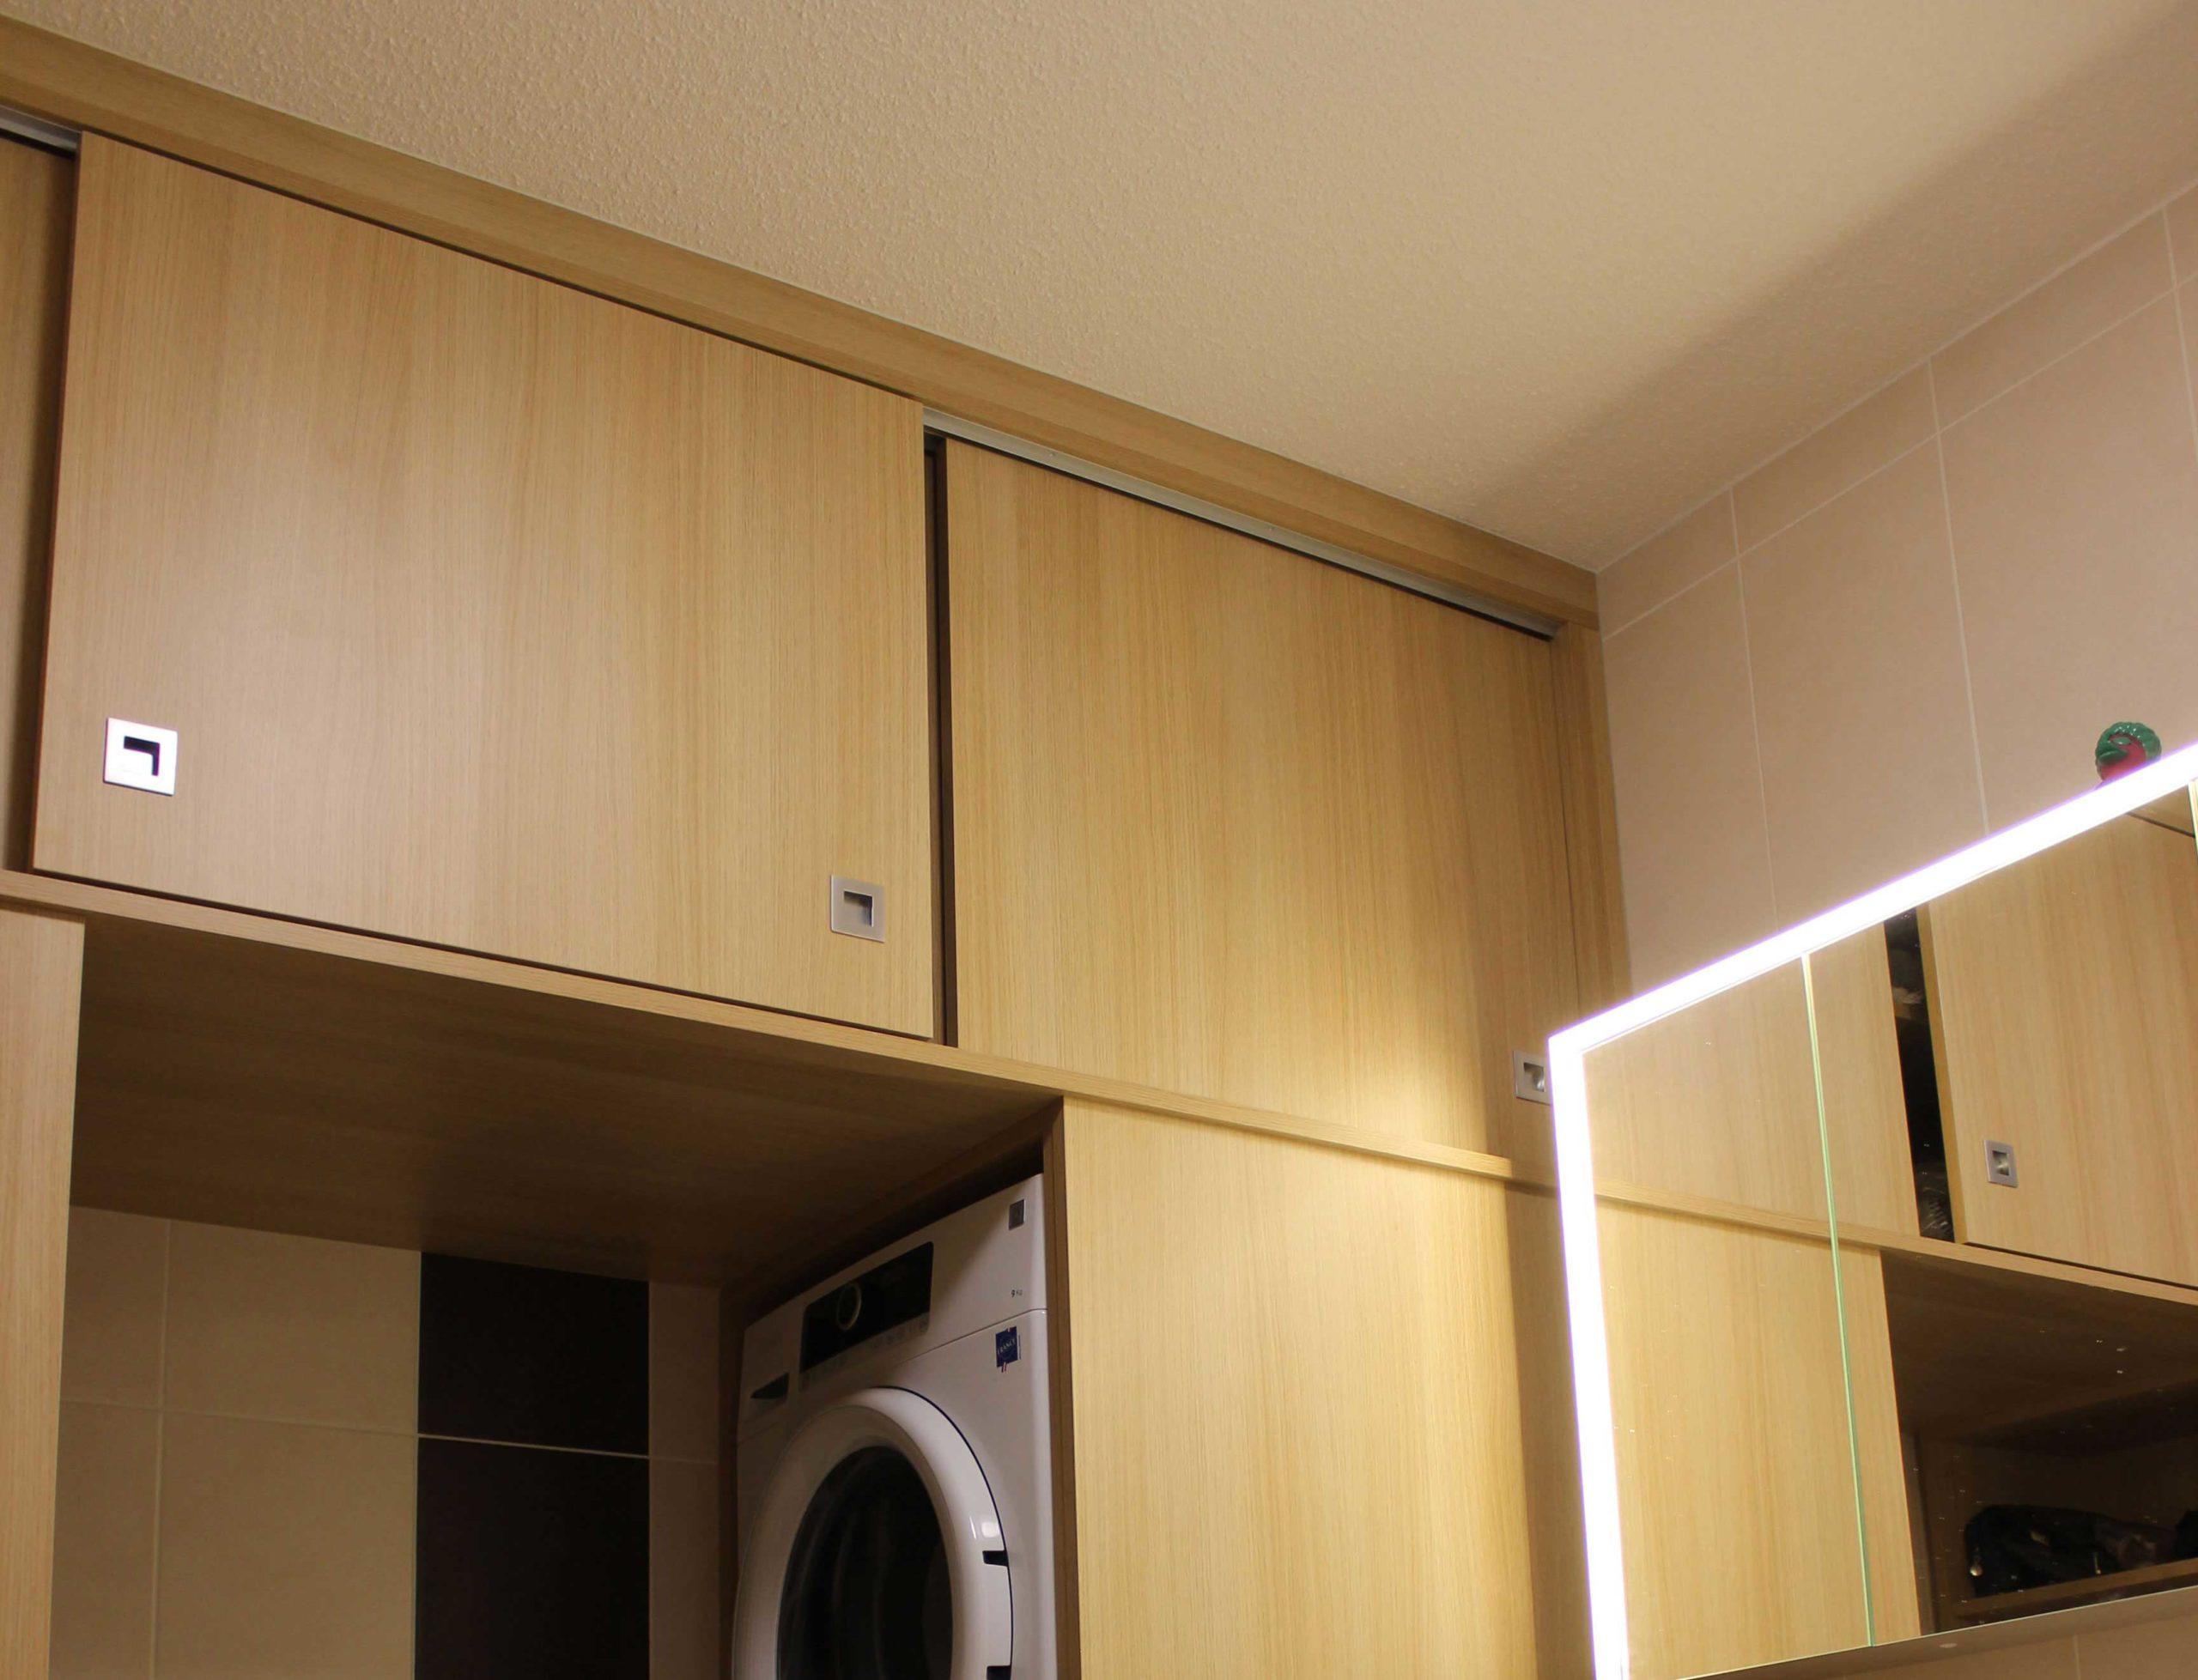 Agencement sur mesure d'une salle de bain en chêne realisé par l'ébéniste menuisier Giuseppe Maranto à Strasbourg